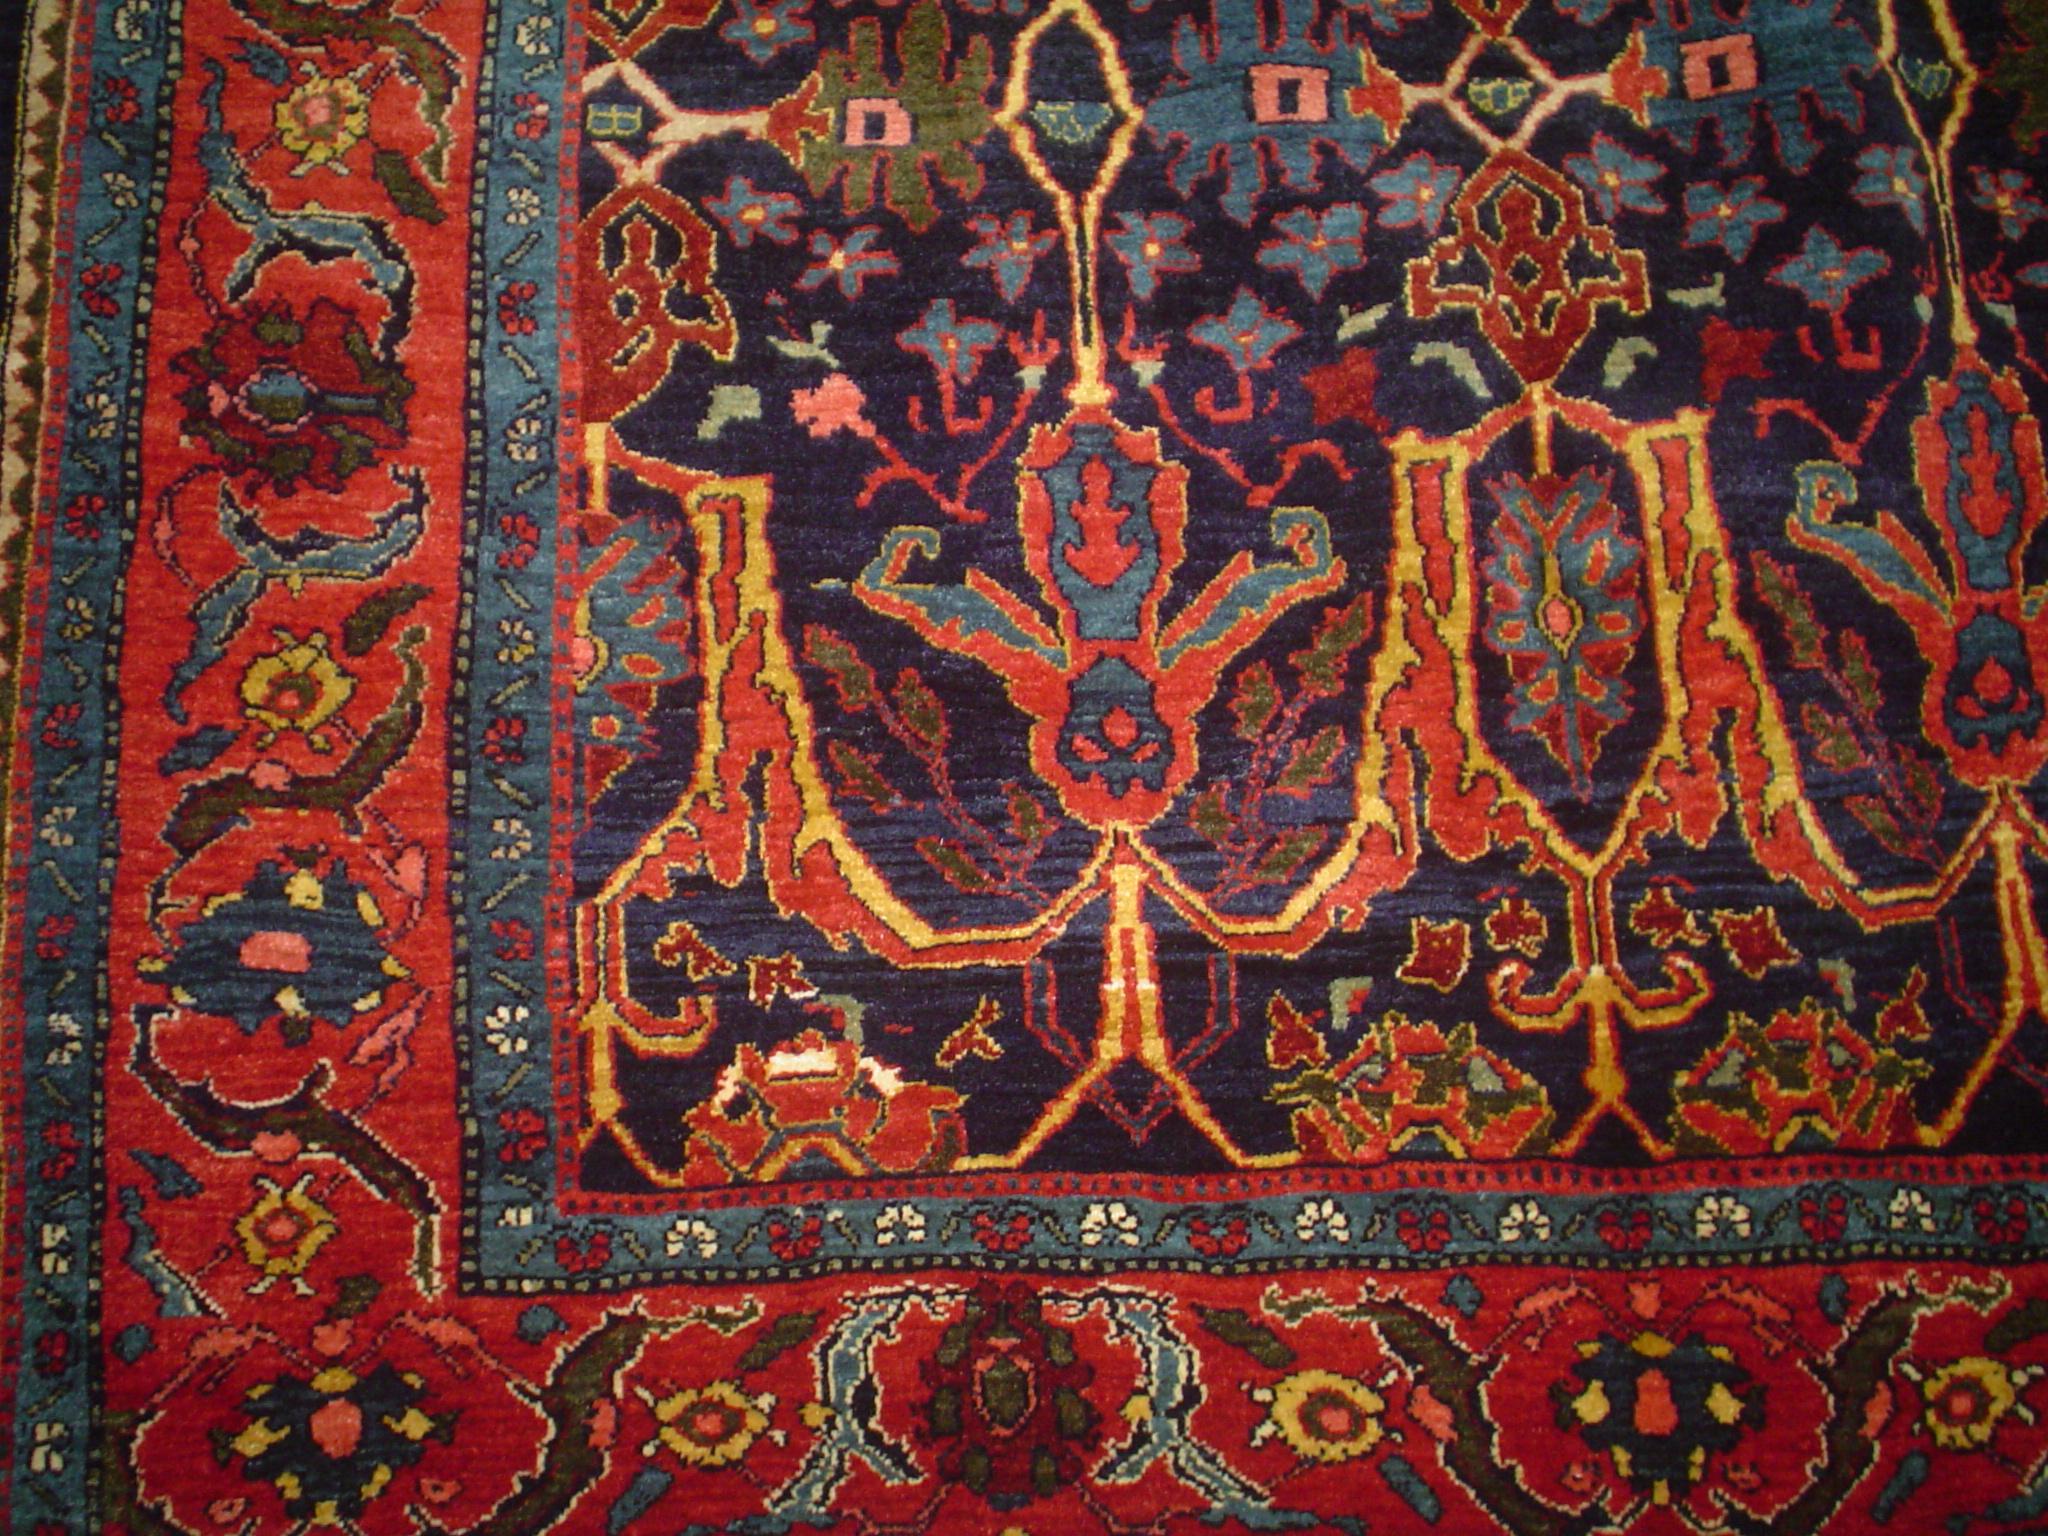 Exquisite Persian Bijar in jewel tones.